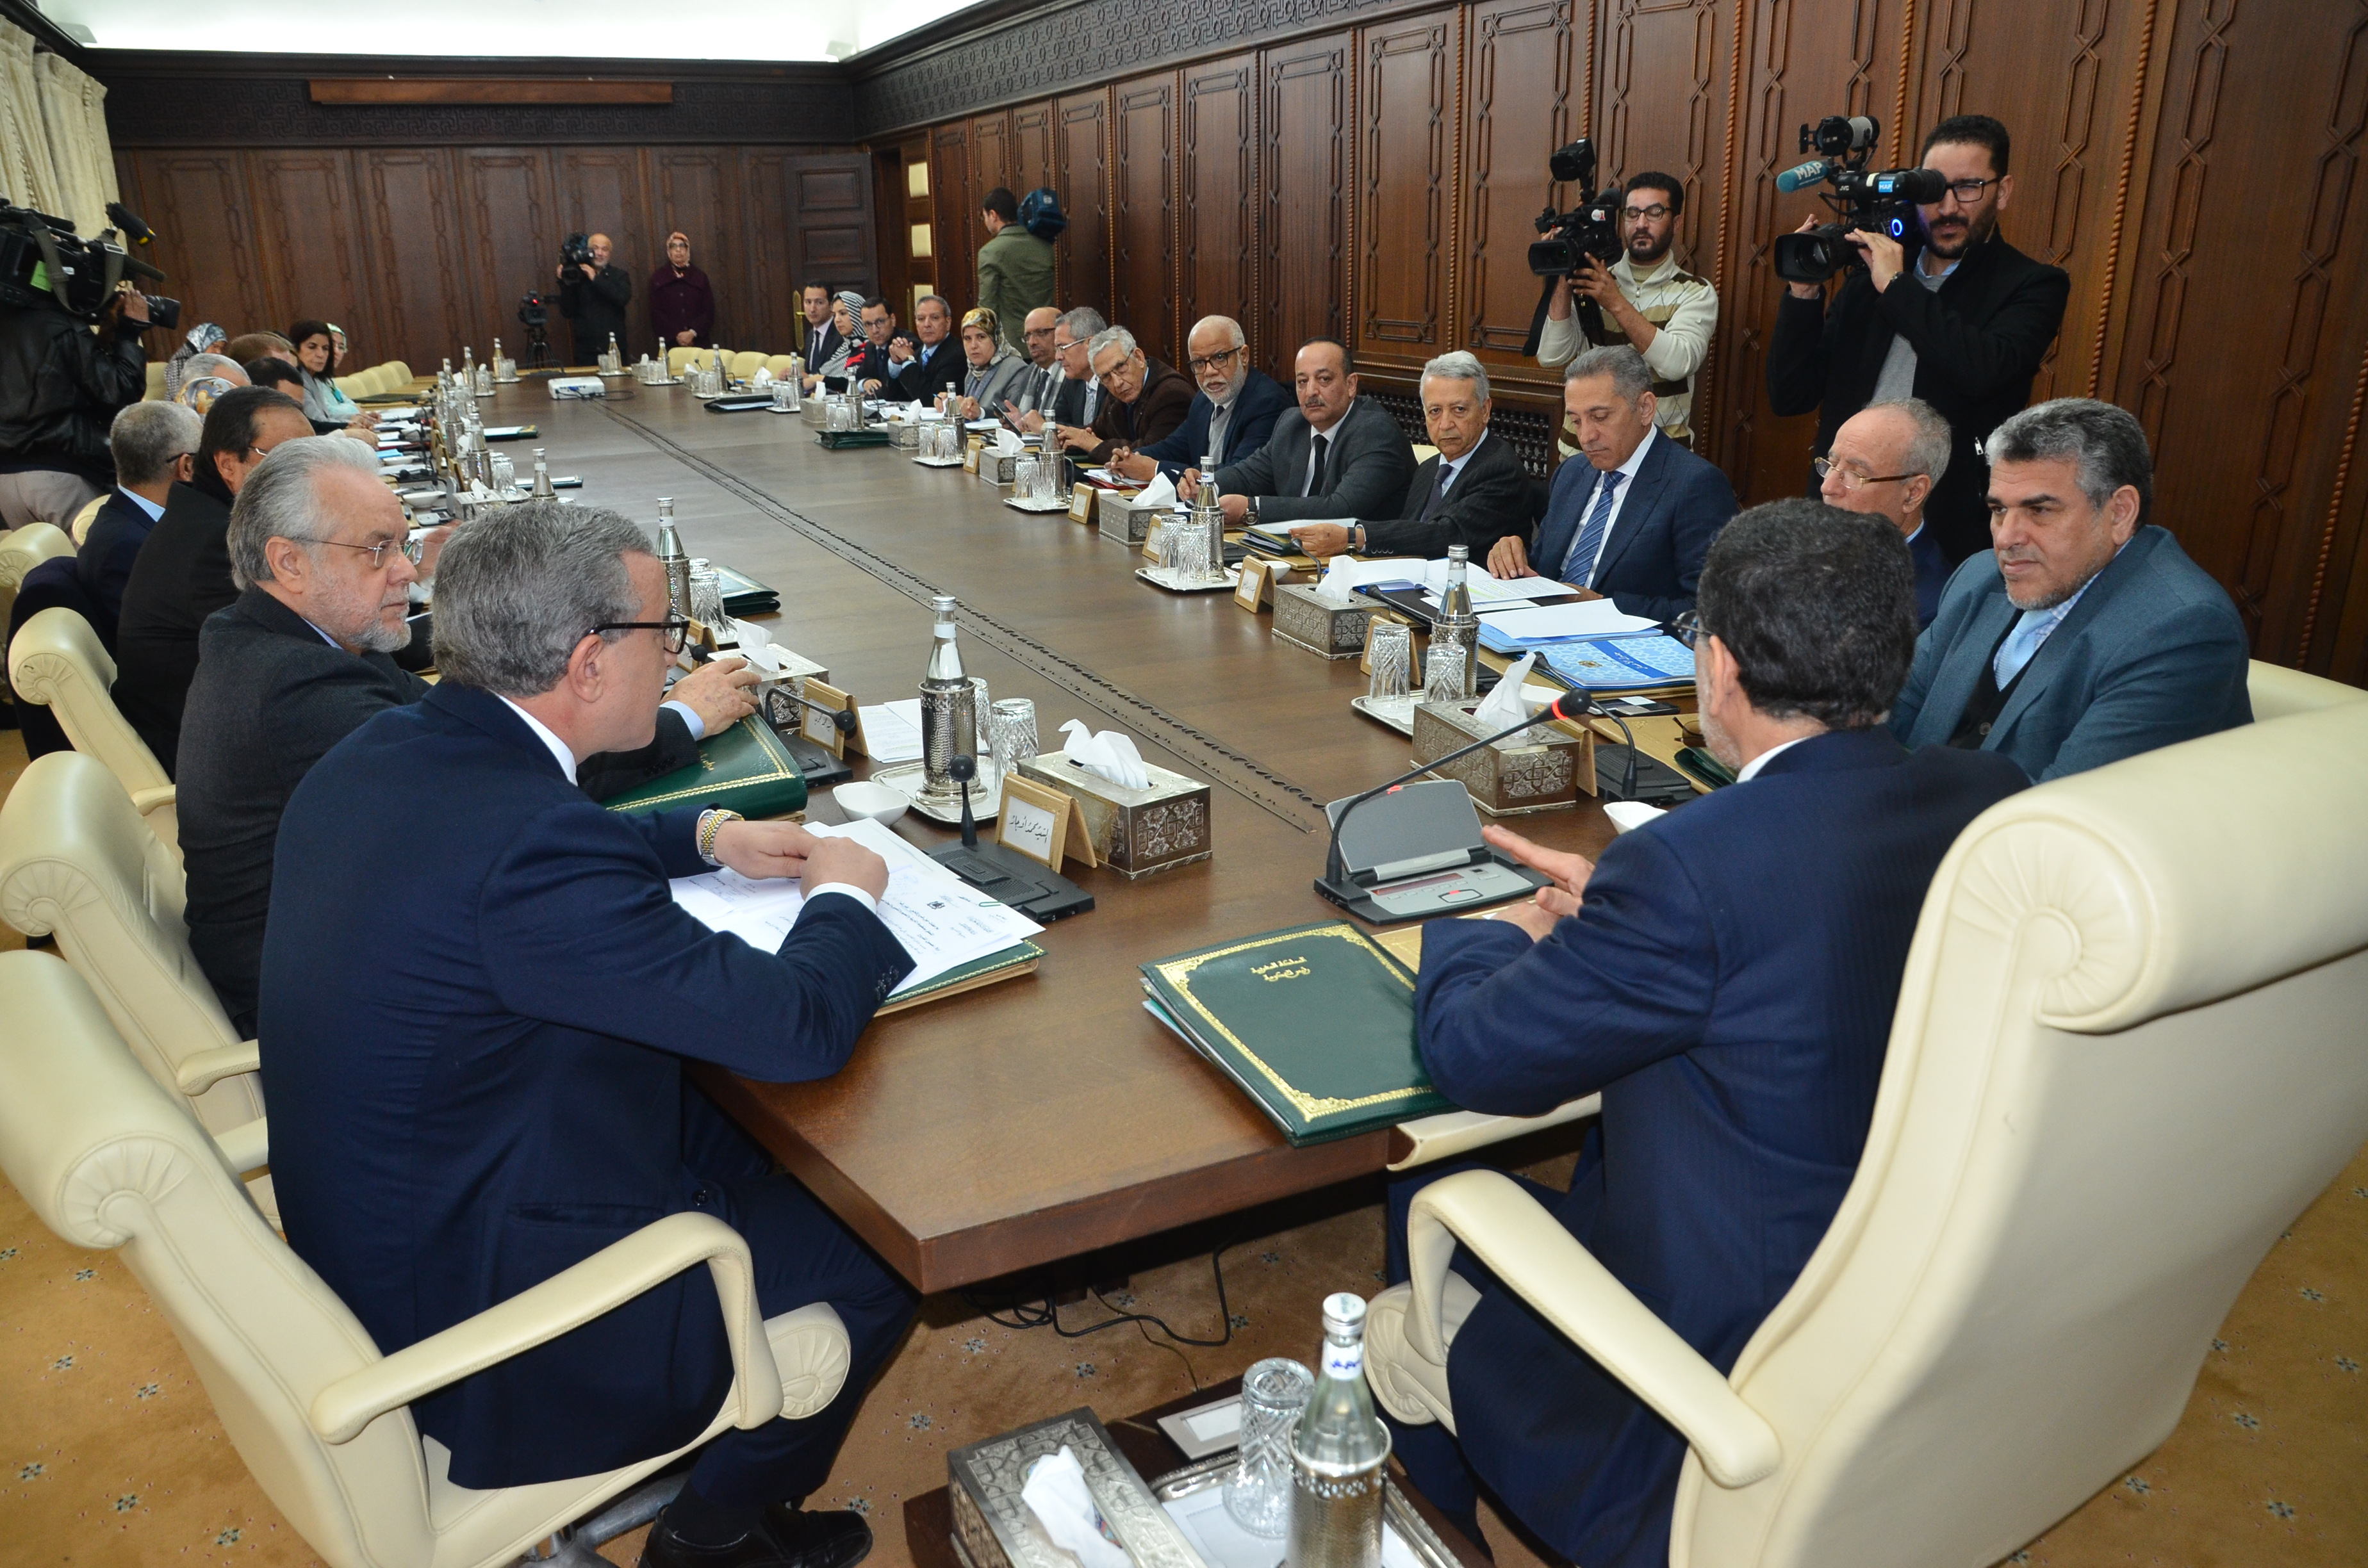 العثماني: سنتخذ الإجراءات اللازمة بمجرد التوصل بتقرير اللجنة الاستطلاعية حول تحرير المحروقات